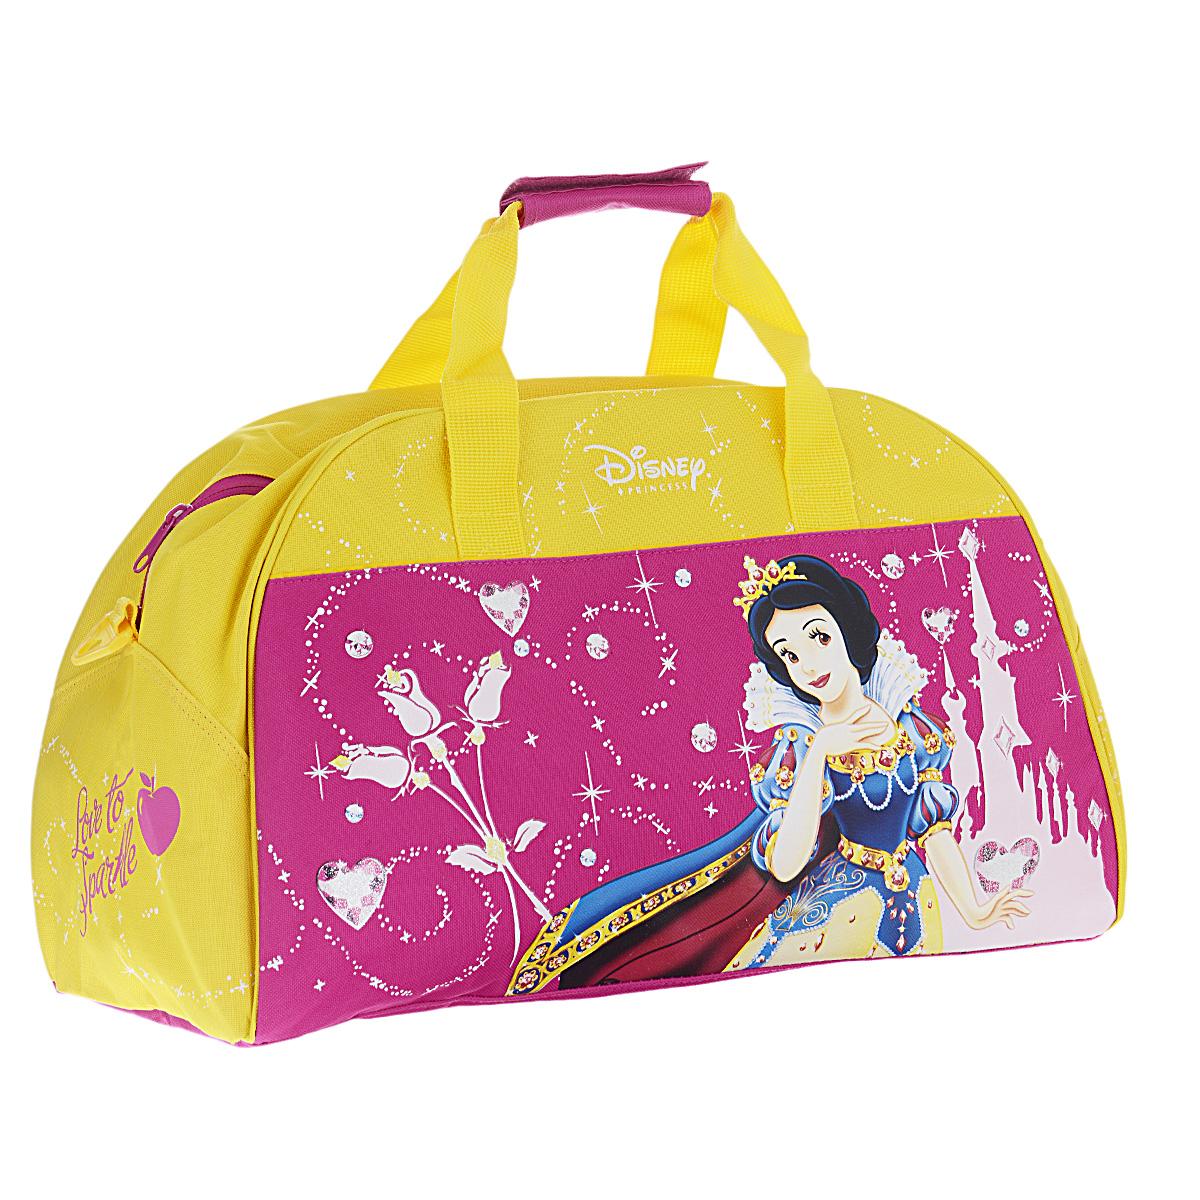 Disney Princess Сумка спортивная детская цвет розовый желтыйPRJW-09T-3452Детская спортивная сумка Princess придется по вкусу любой активной девочке, посещающей спортзал или спортивные секции. Сумка изготовлена из высококачественного износостойкого полиэстера и оформлена оригинальным цветочным принтом и изображением Белоснежки в роскошном наряде принцессы. Сумка состоит из одного вместительного отделения, закрывается на застежку-молнию. Внутри располагается небольшой накладной карман на застежке-молнии. Сумка имеет съемное твердое дно, которое при необходимости можно извлечь. Сумка имеет удобные ручки для переноски, скрепляющиеся хлястиком на липучке, а также съемный плечевой ремень, регулирующийся по длине. Дно сумки оснащено пластиковыми ножками, обеспечивающими необходимую устойчивость. Спортивная сумка - незаменимый аксессуар для юной спортсменки, который сочетает в себе практичность и модный дизайн. Красочная сумка сделает посещение спортивных секций не только приятным, но и модным занятием.